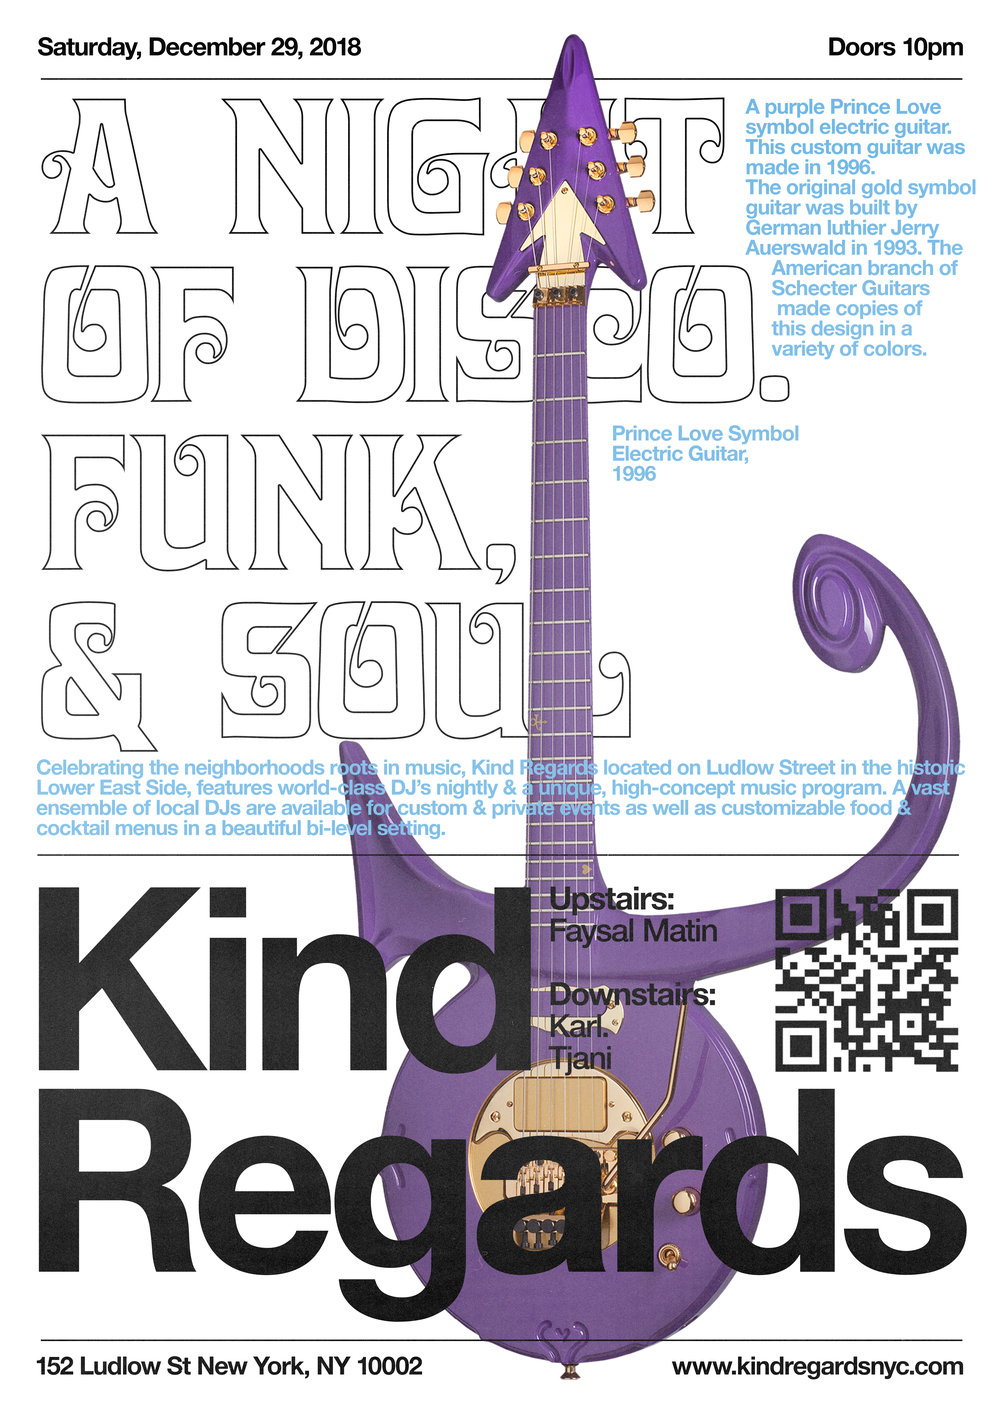 kind regards new poster design dec 29 prince.jpg